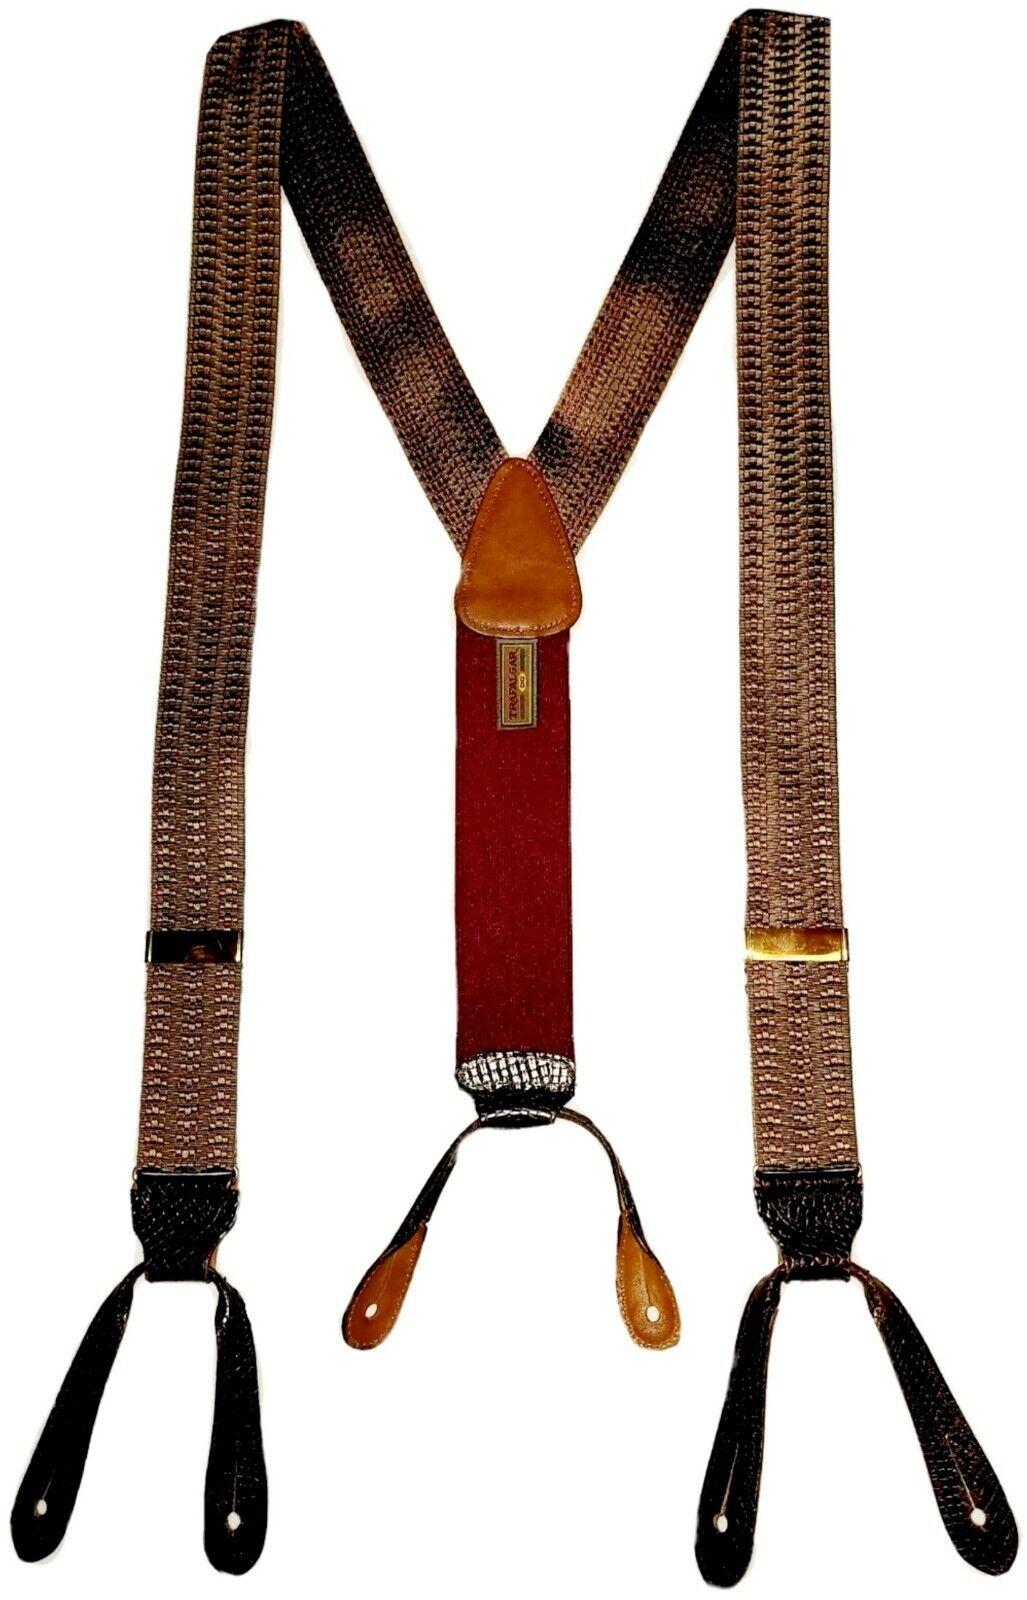 TRAFALGAR Suspenders Black Leather Braces w/Brass Fittings